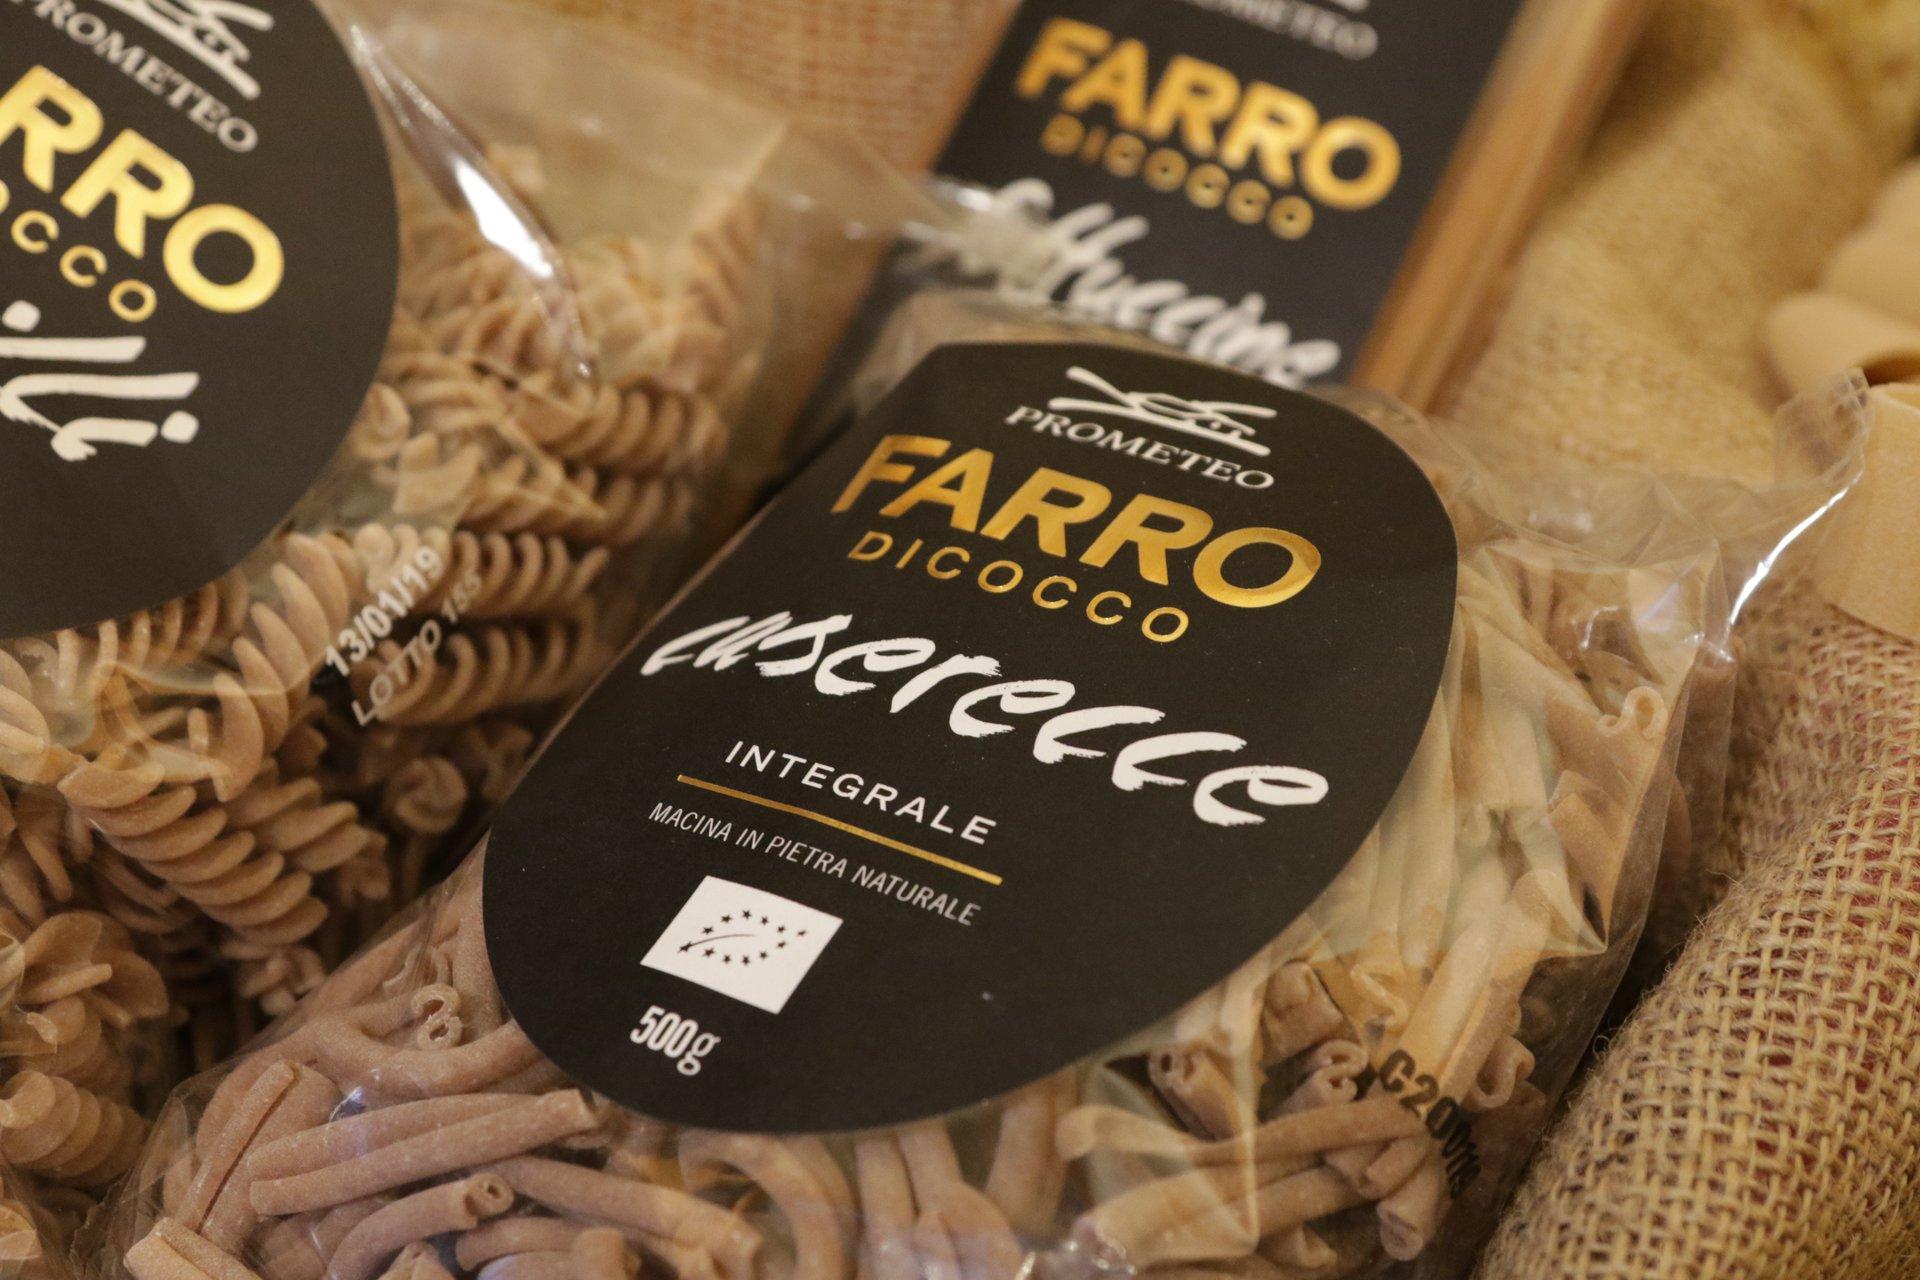 confezione di Farro Dicocco pasta